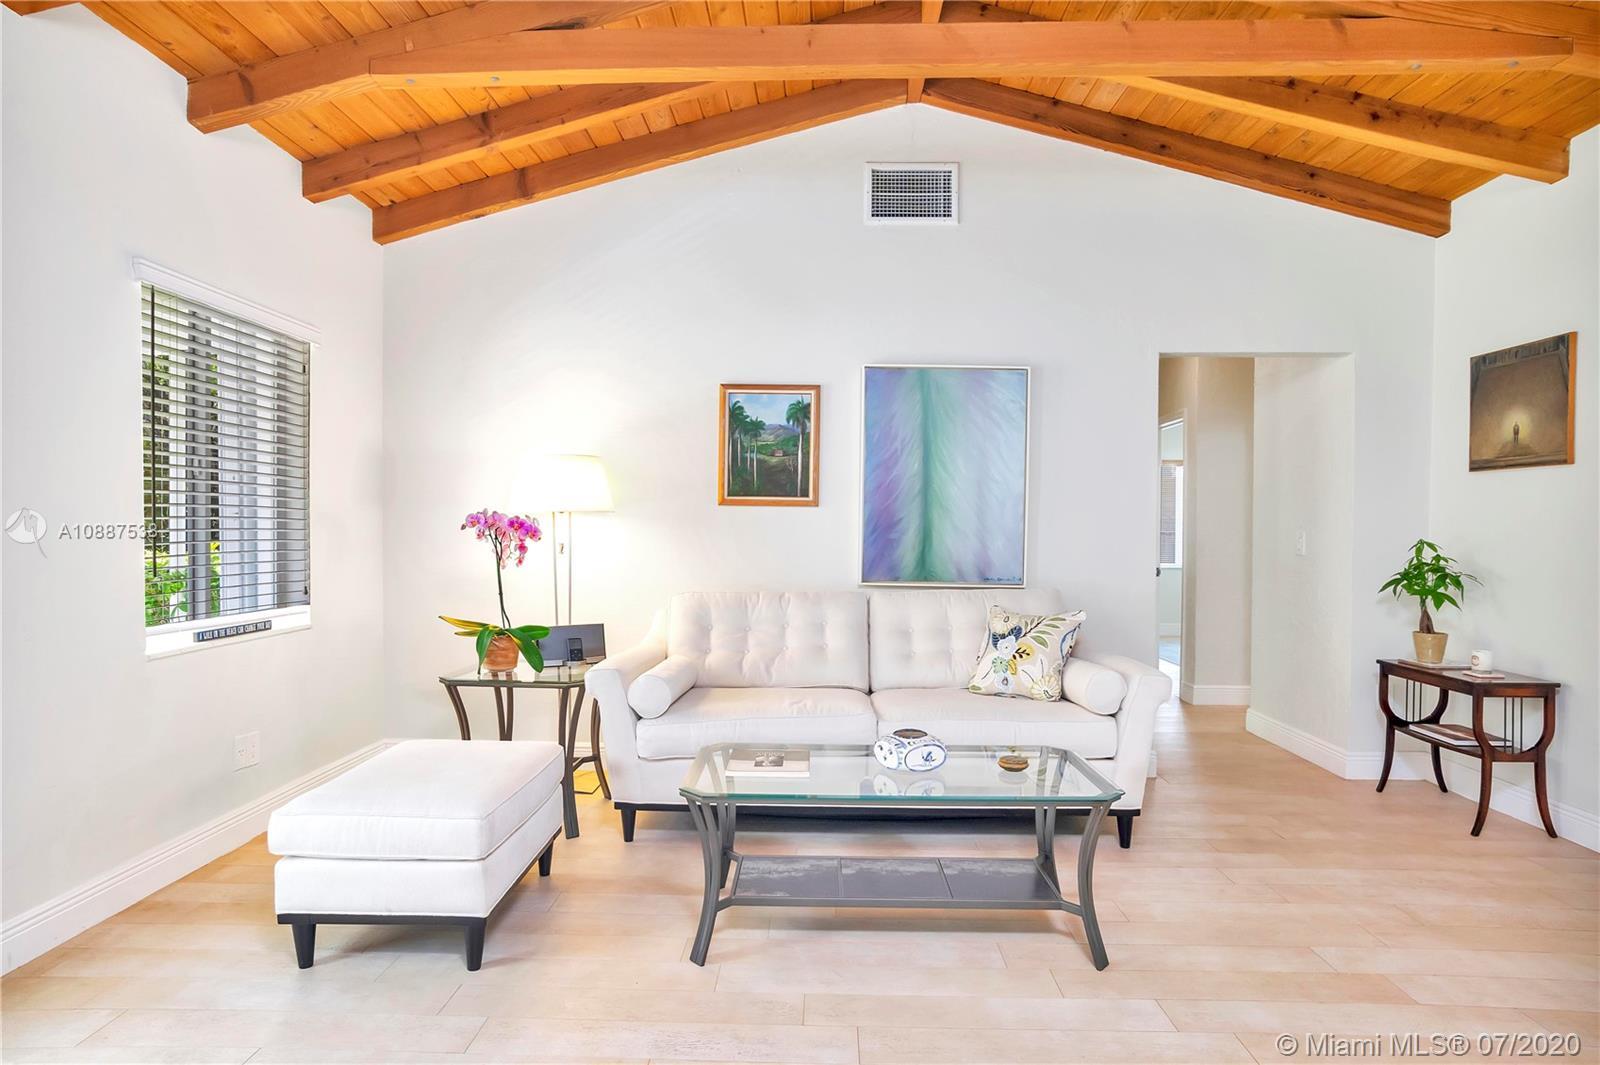 442 Warren Ln, Key Biscayne, Florida 33149, 3 Bedrooms Bedrooms, ,1 BathroomBathrooms,Residential,For Sale,442 Warren Ln,A10887538